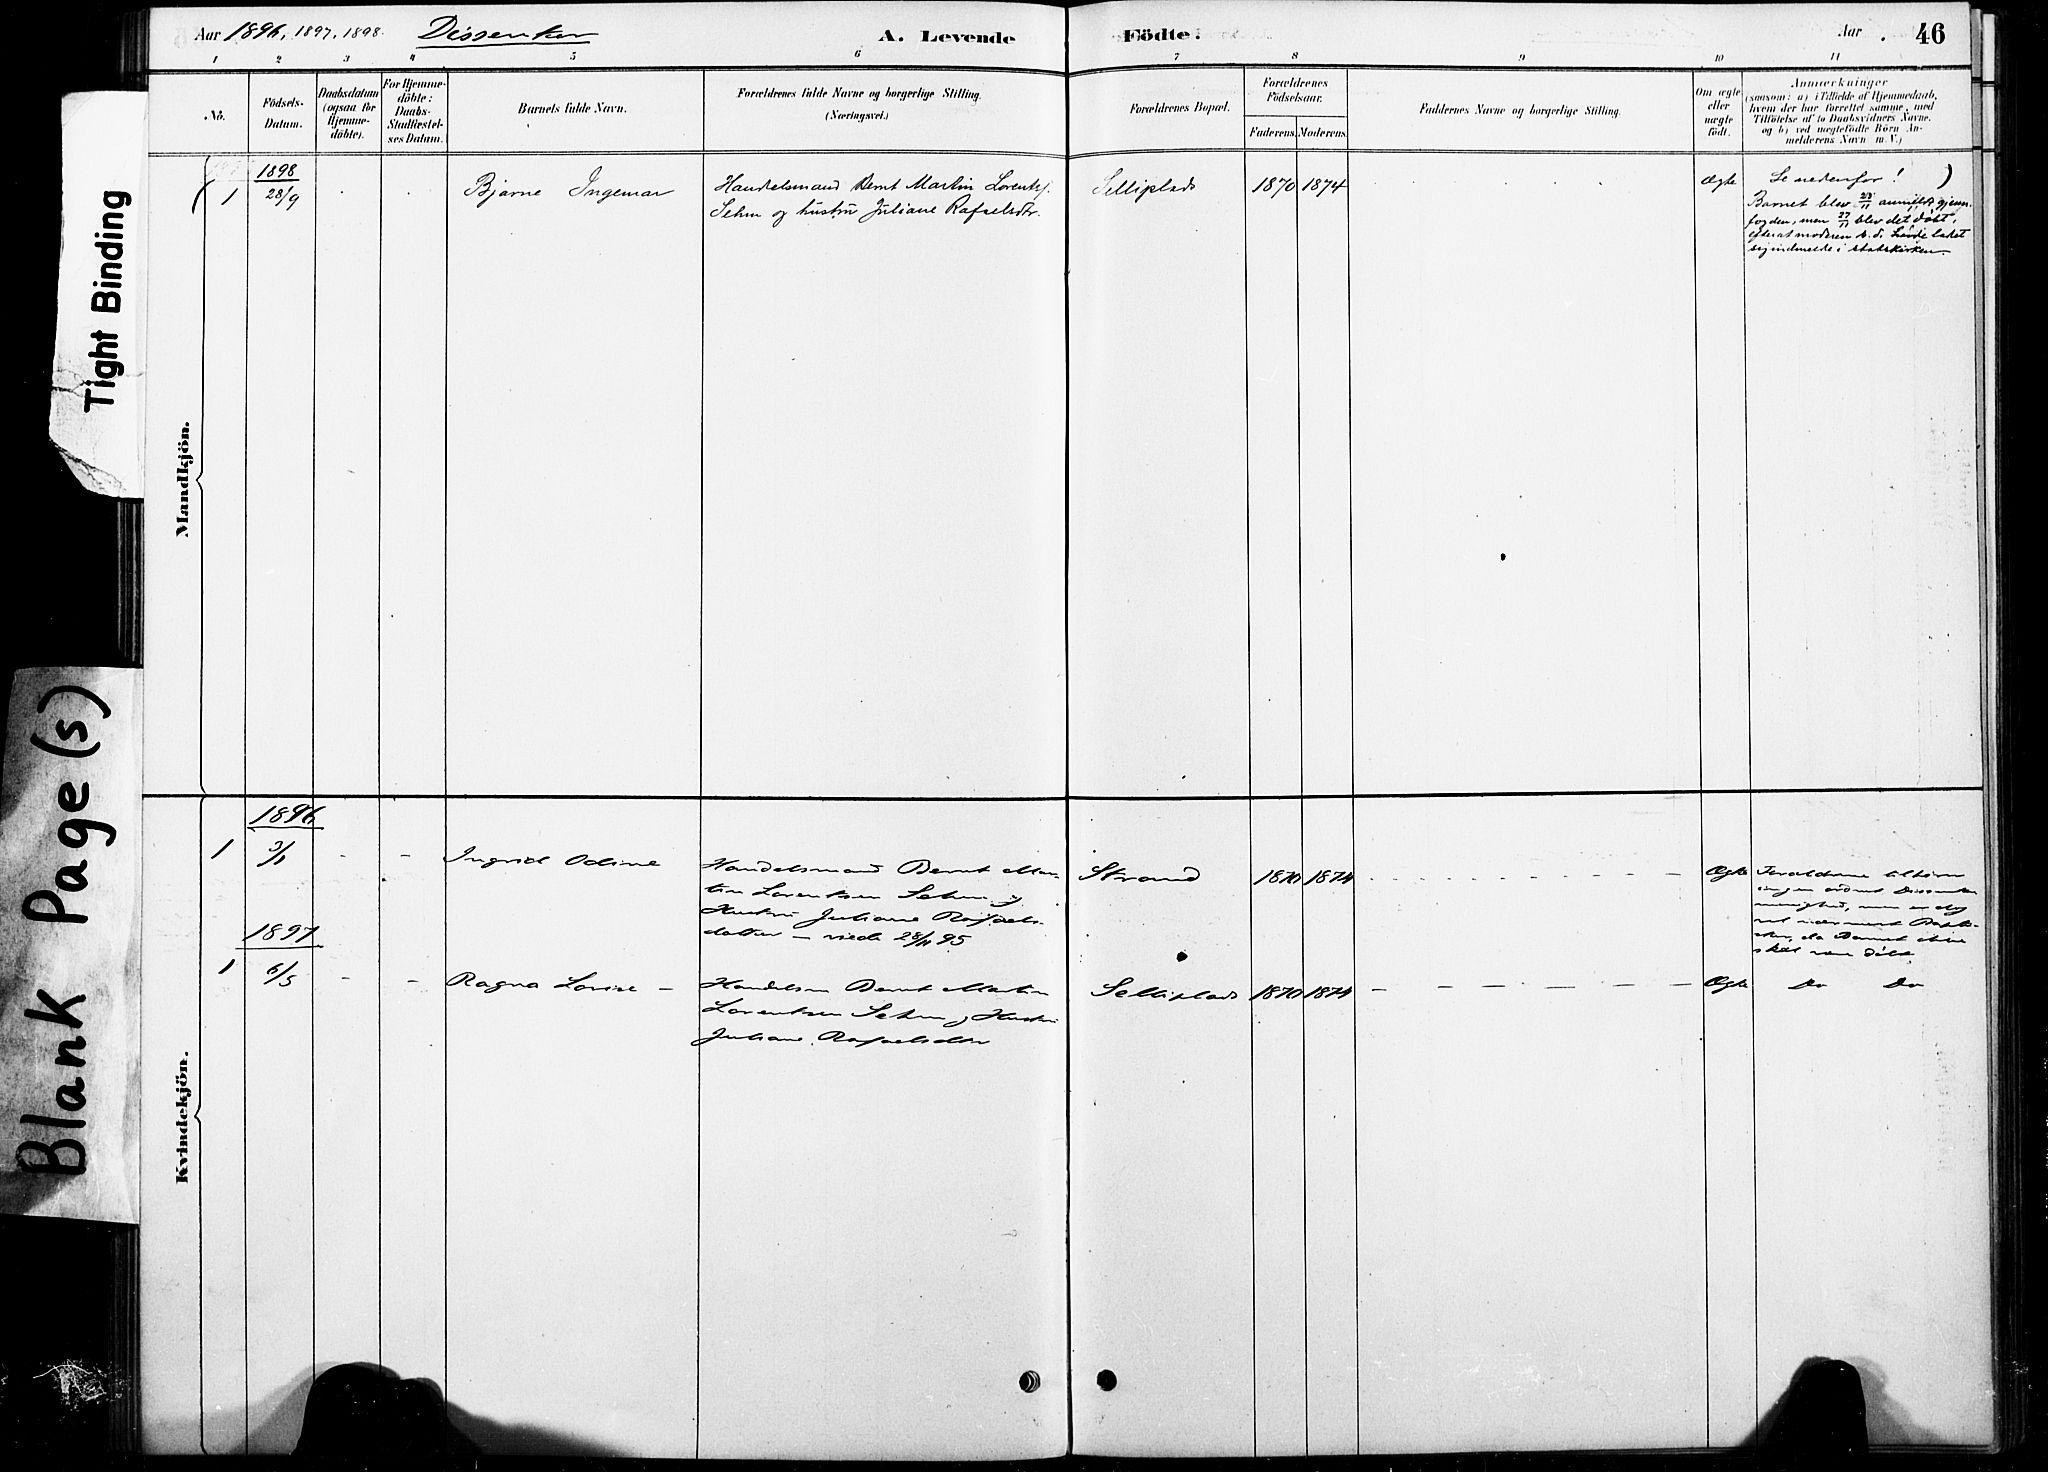 SAT, Ministerialprotokoller, klokkerbøker og fødselsregistre - Nord-Trøndelag, 738/L0364: Ministerialbok nr. 738A01, 1884-1902, s. 46